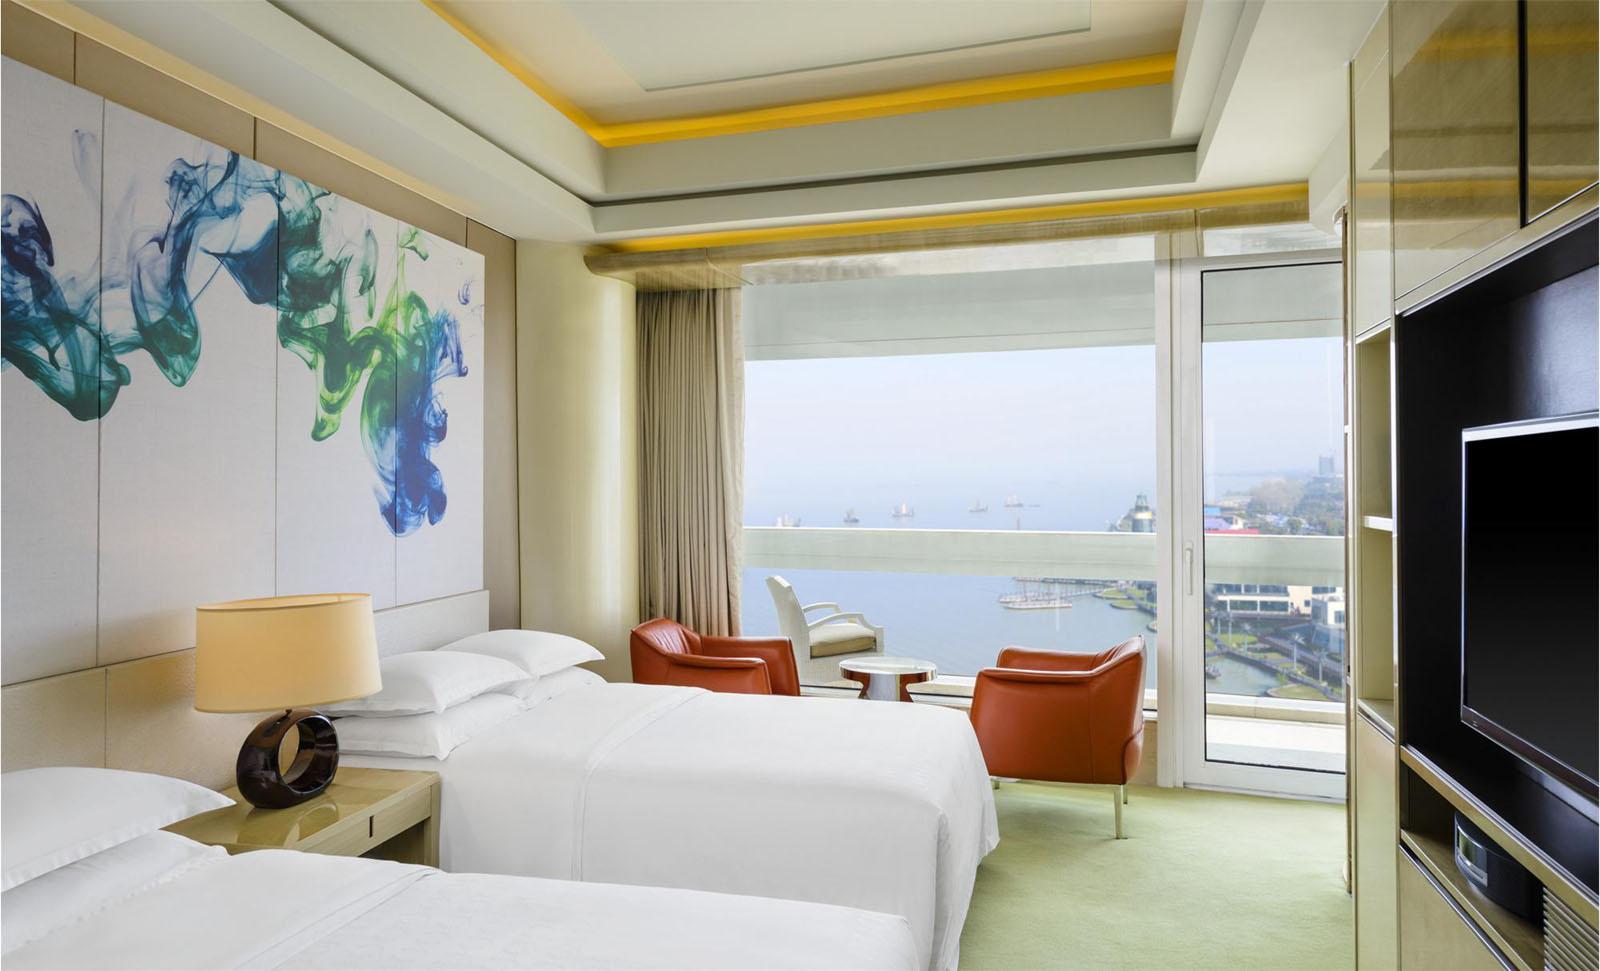 Horseshoe Shaped Glowing Donut Hotel  Sheraton Huzhou Hot Spring Resort  iDesignArch